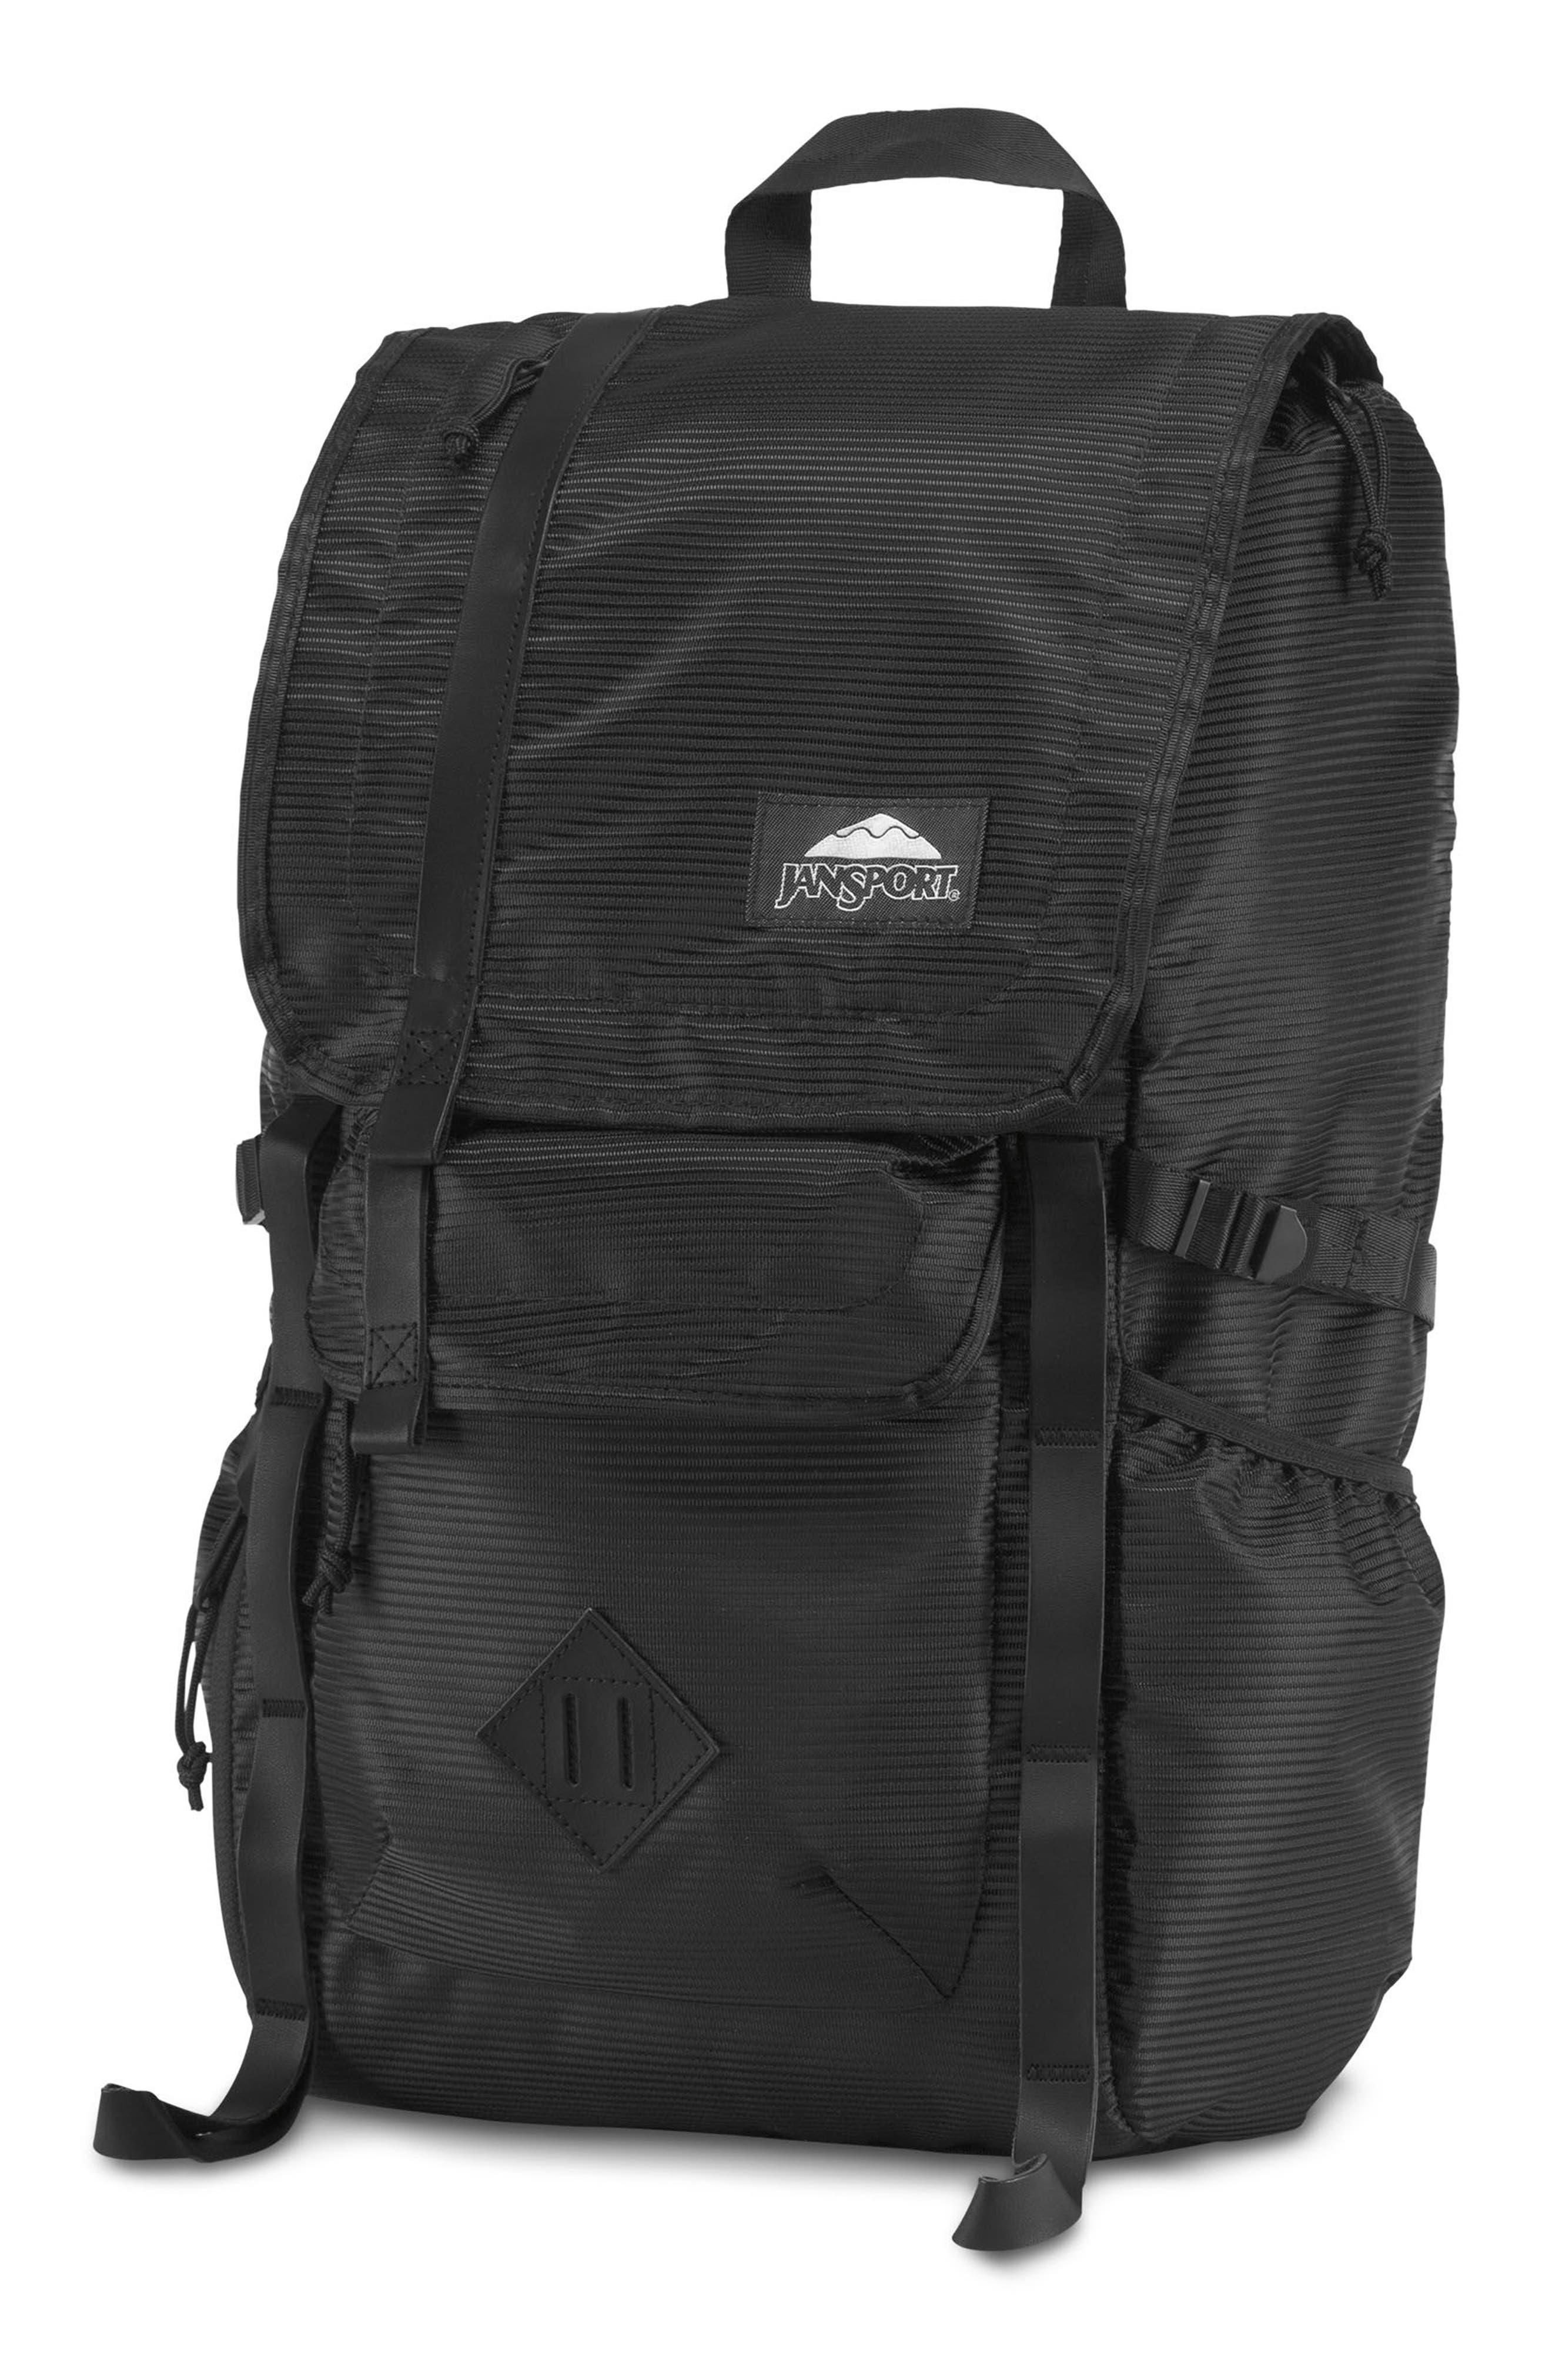 Hatchet DL Backpack,                             Alternate thumbnail 4, color,                             001